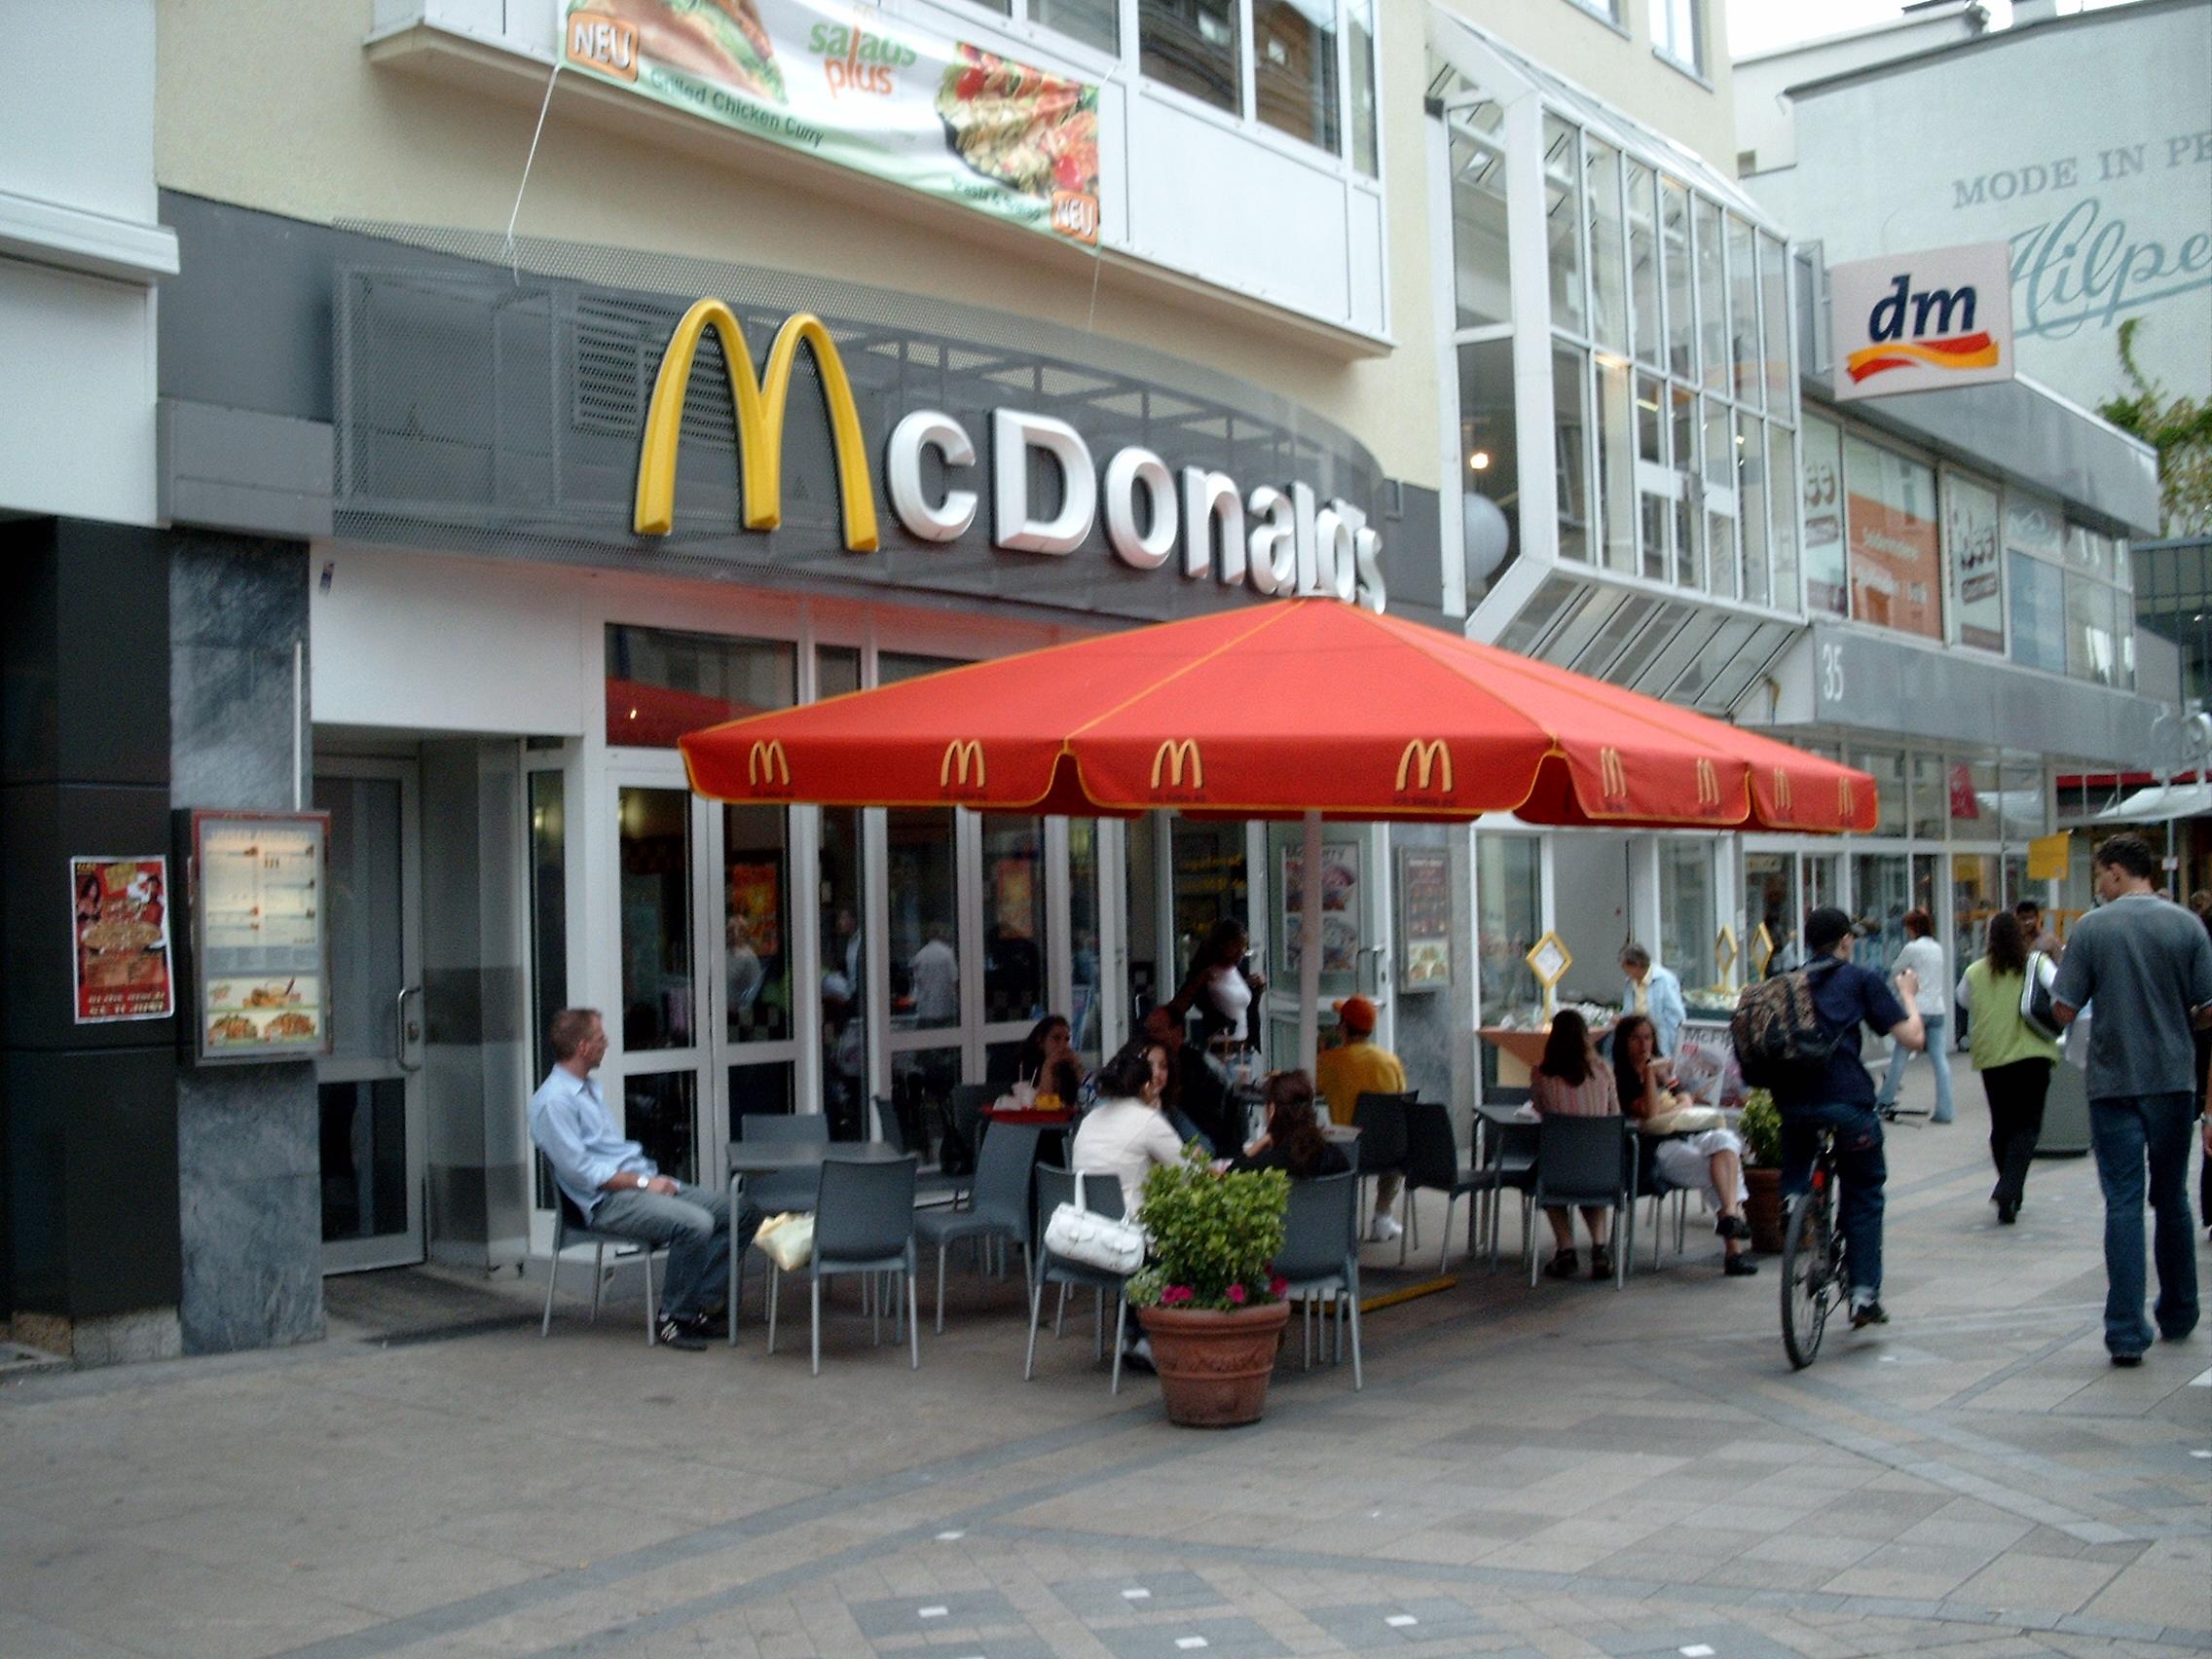 Restaurant A Honfleur Pres De Chez Moi Hlm Les Marronniers